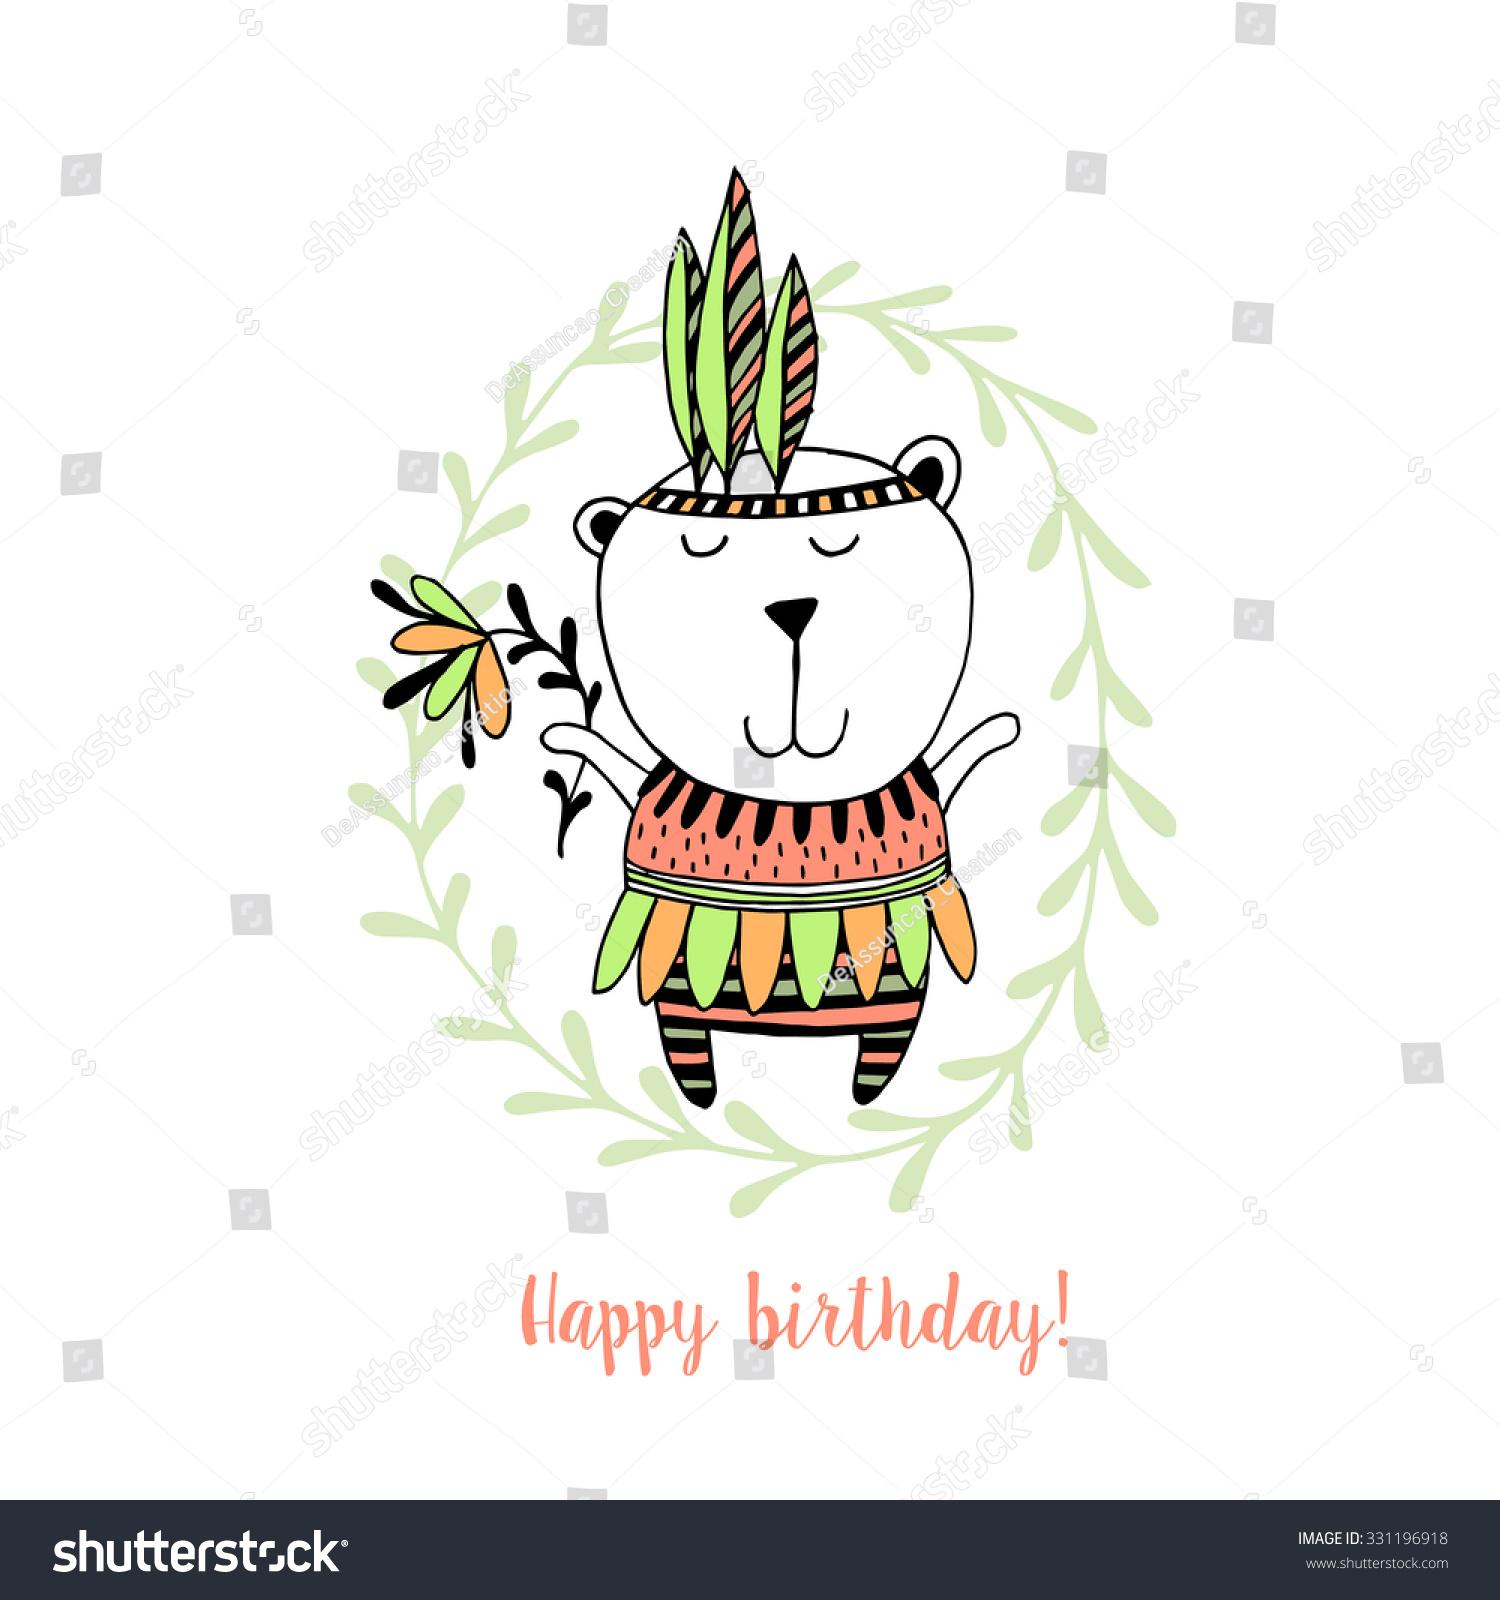 生日快乐卡片,可爱的熊.孩子们的背景.